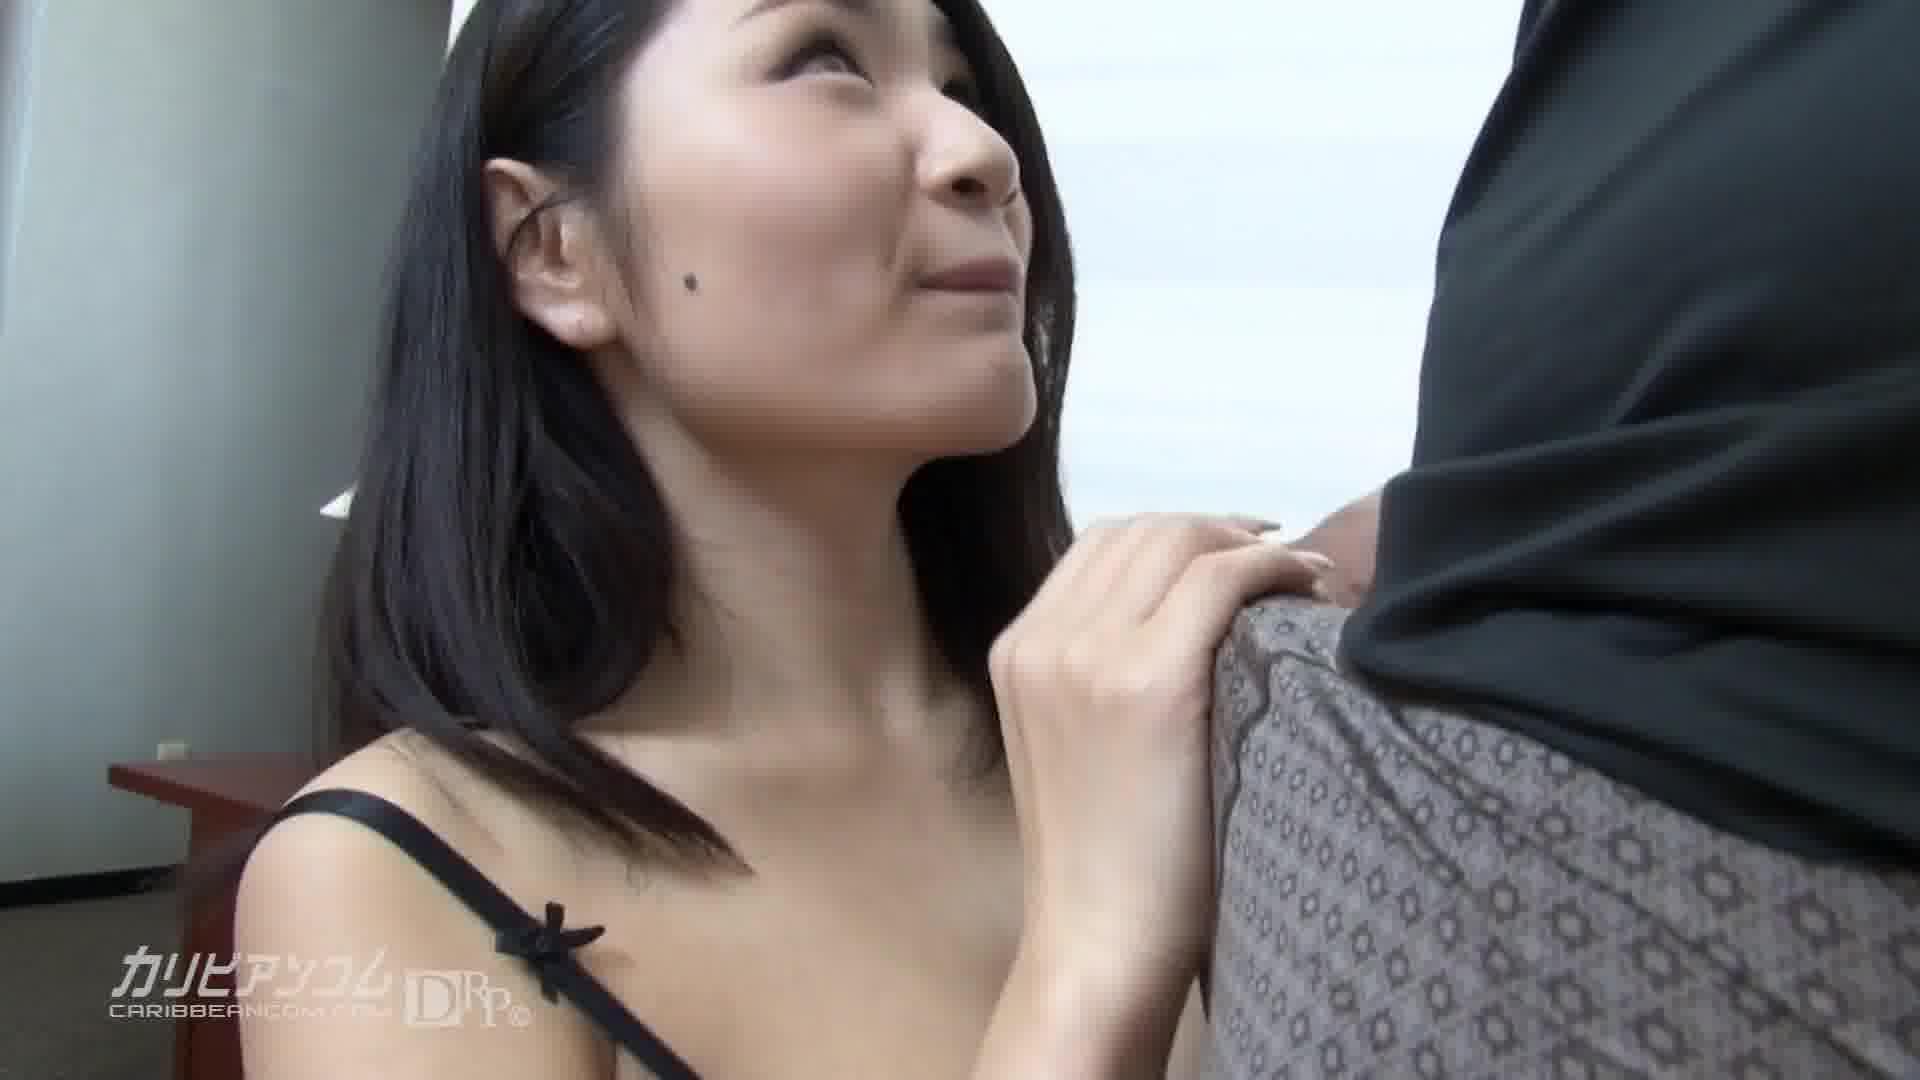 彼氏のチンポじゃ物足りない - 女沢理沙【スレンダー・クンニ・中出し】